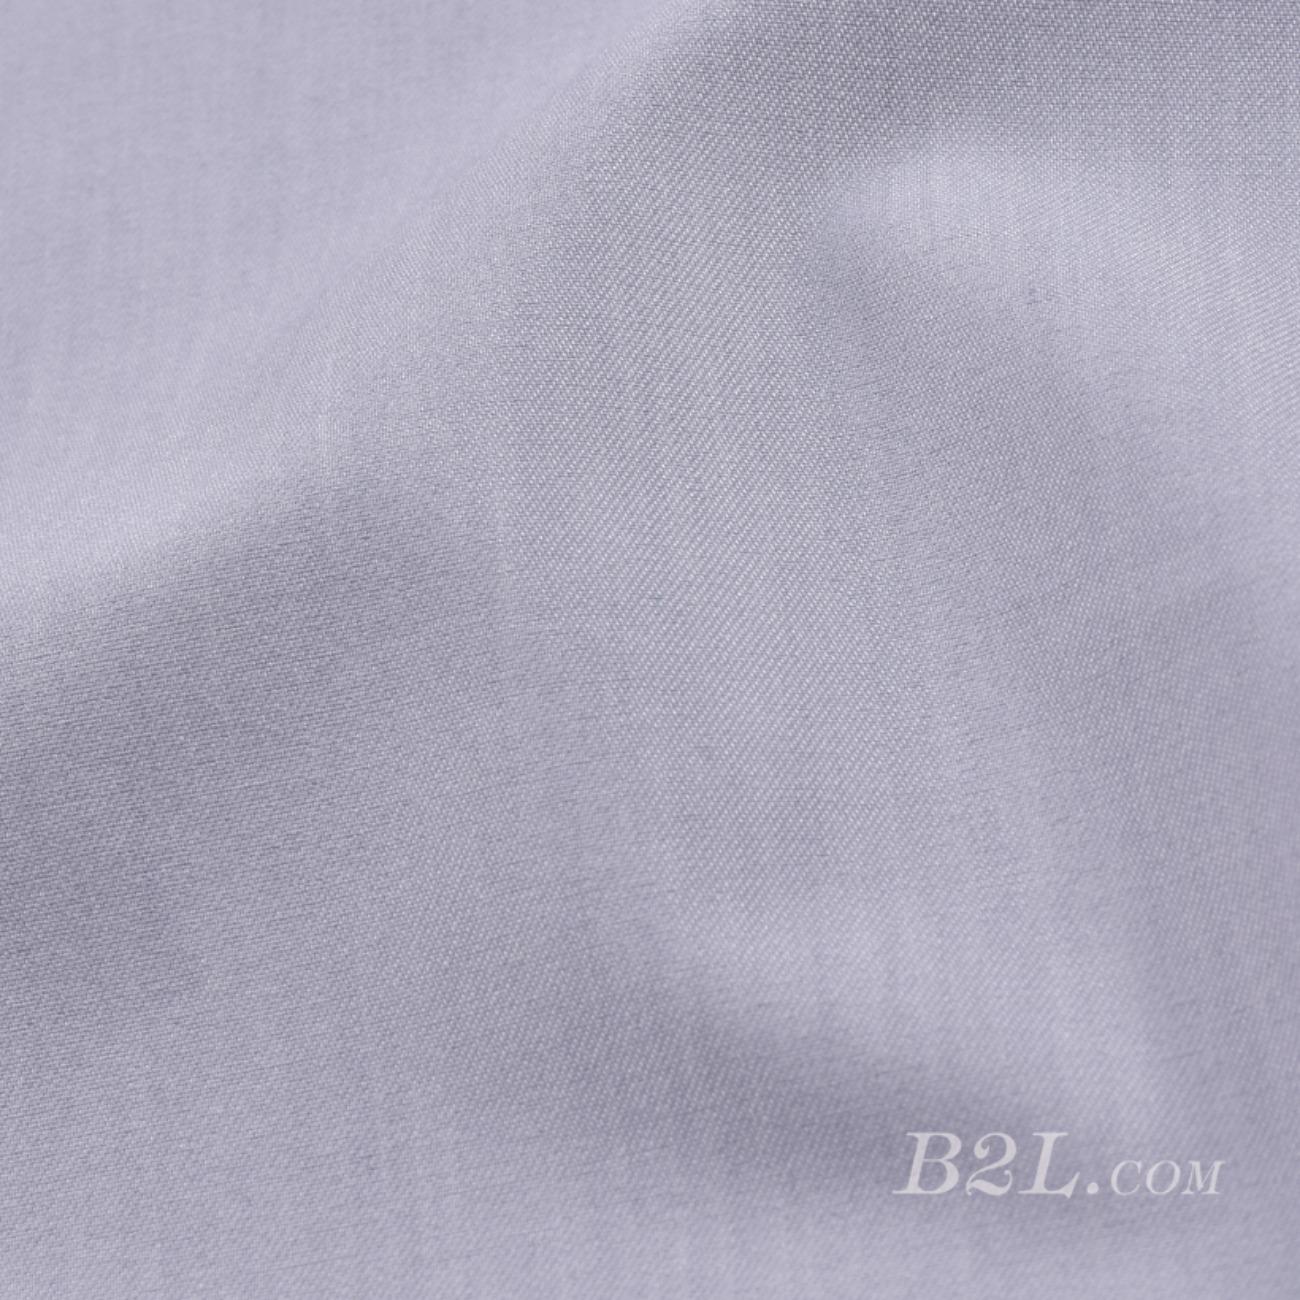 梭织染色素色斜纹面料-春夏秋款连衣裙休闲服外套裤装面料80910-7